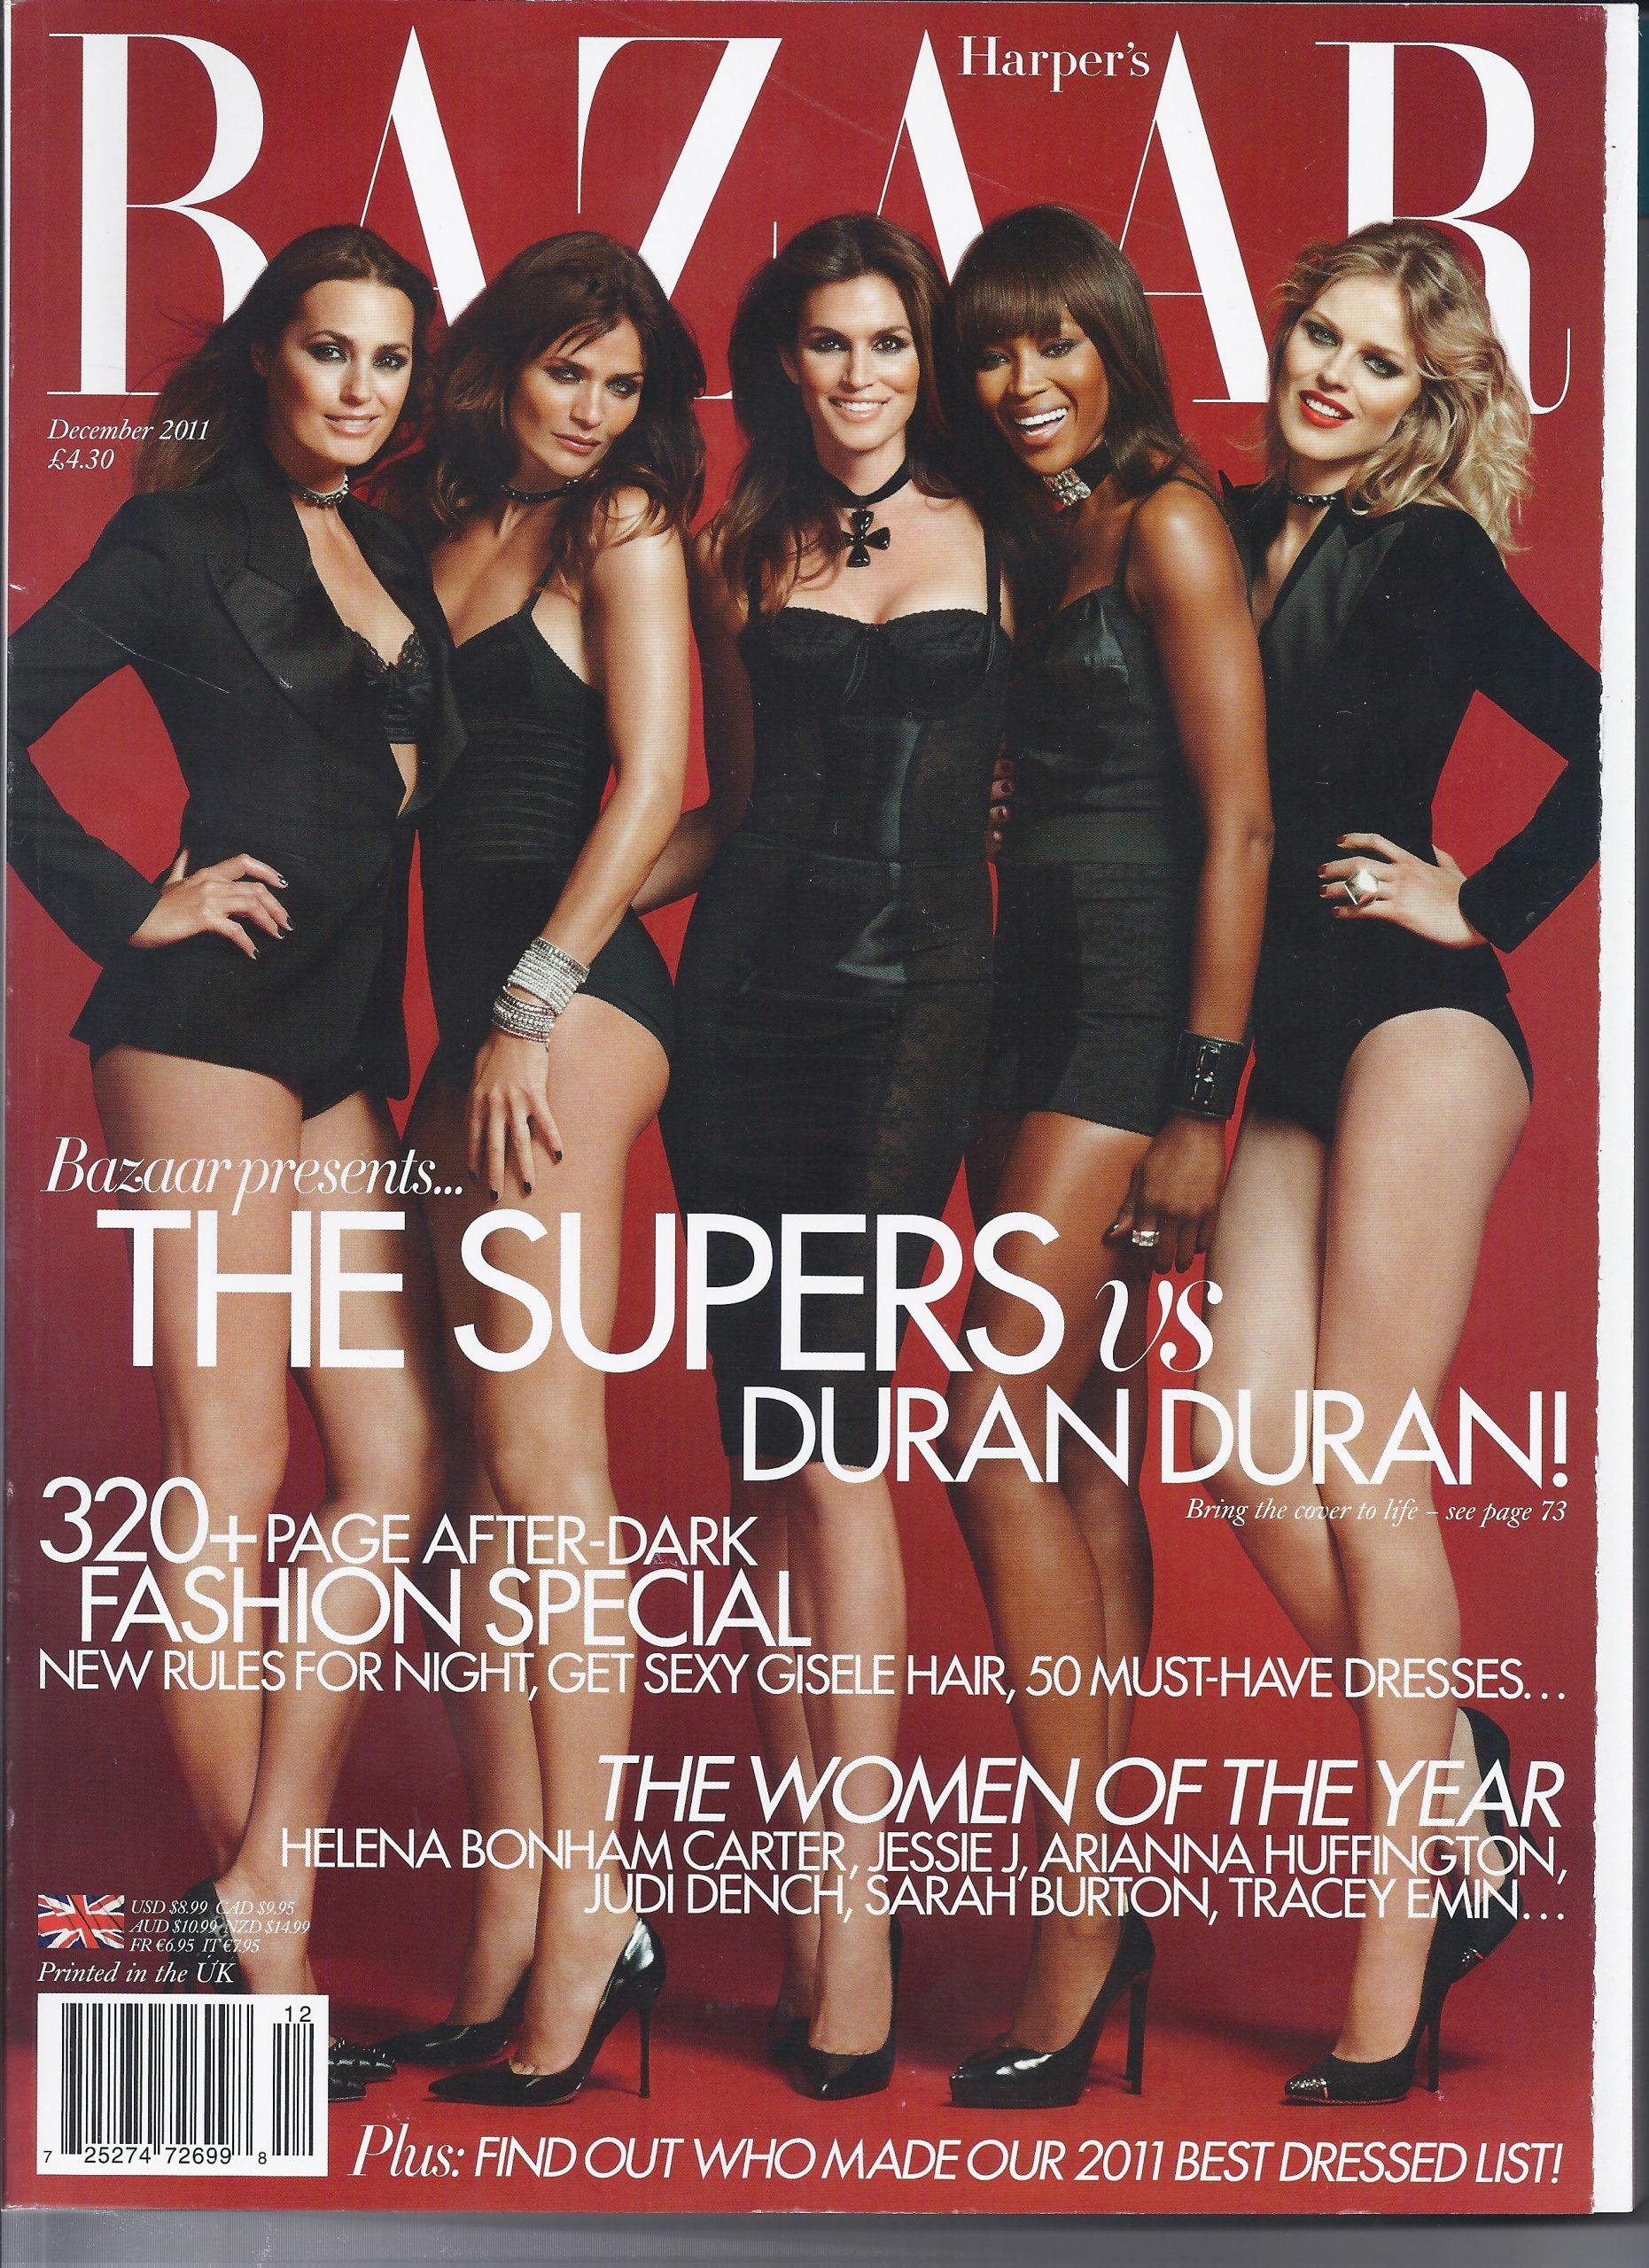 Bazaar--December 2011 Cover